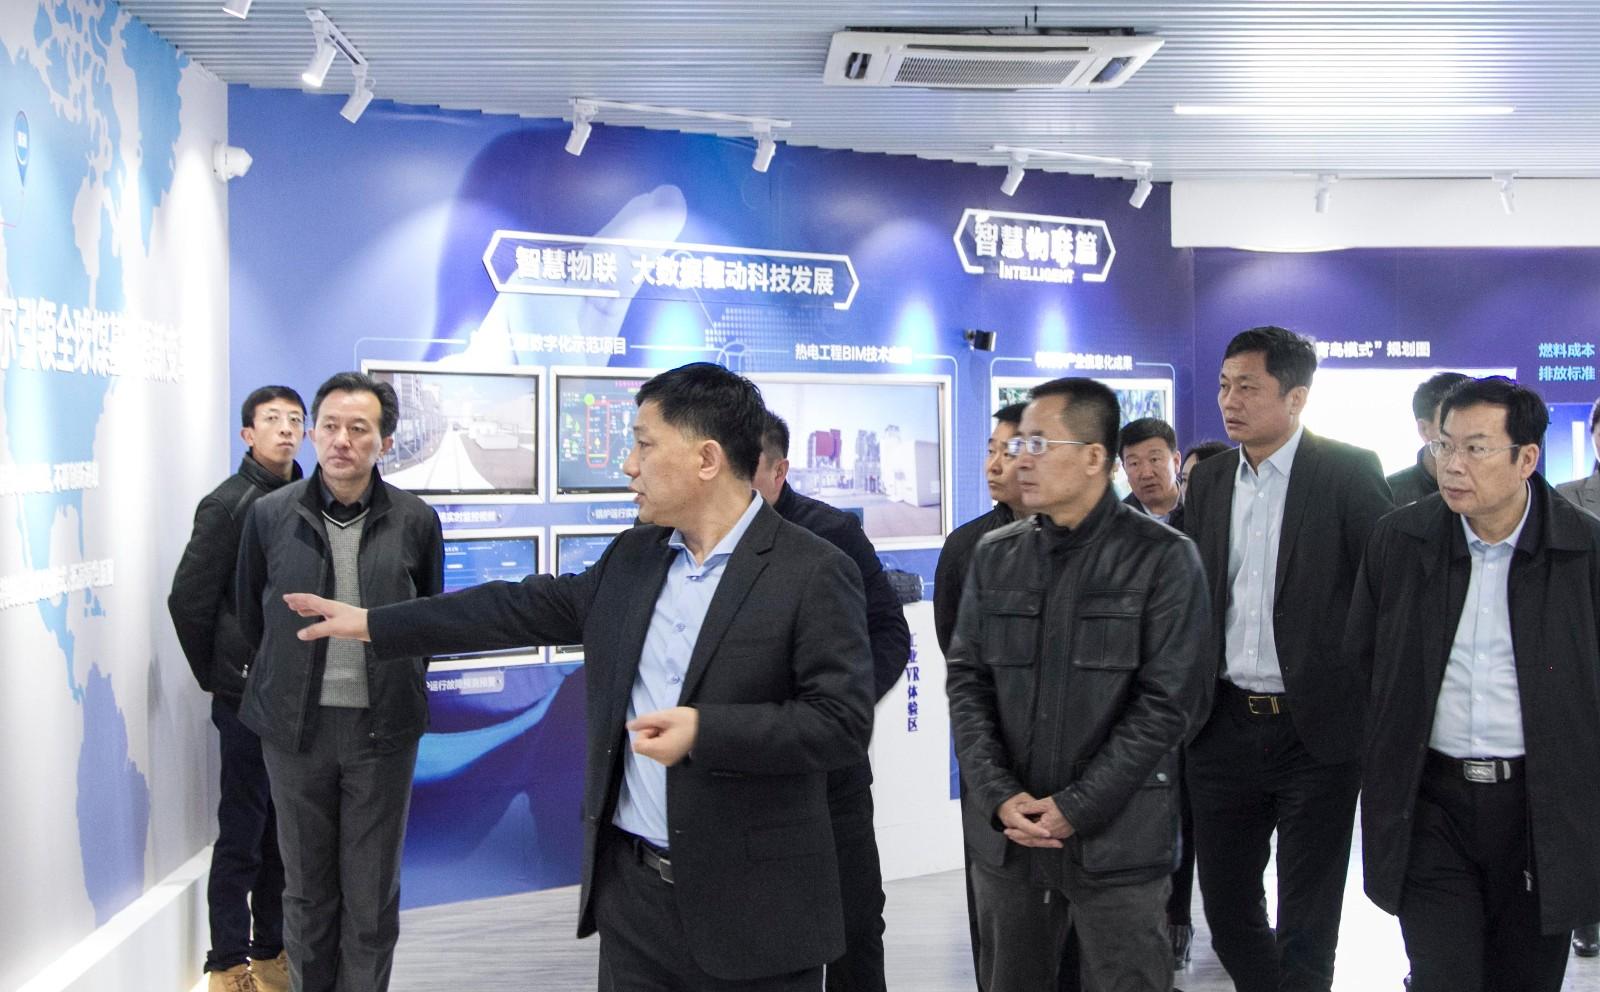 福彩3d开机号与巴彦淖尔市政府签订战略合作协议